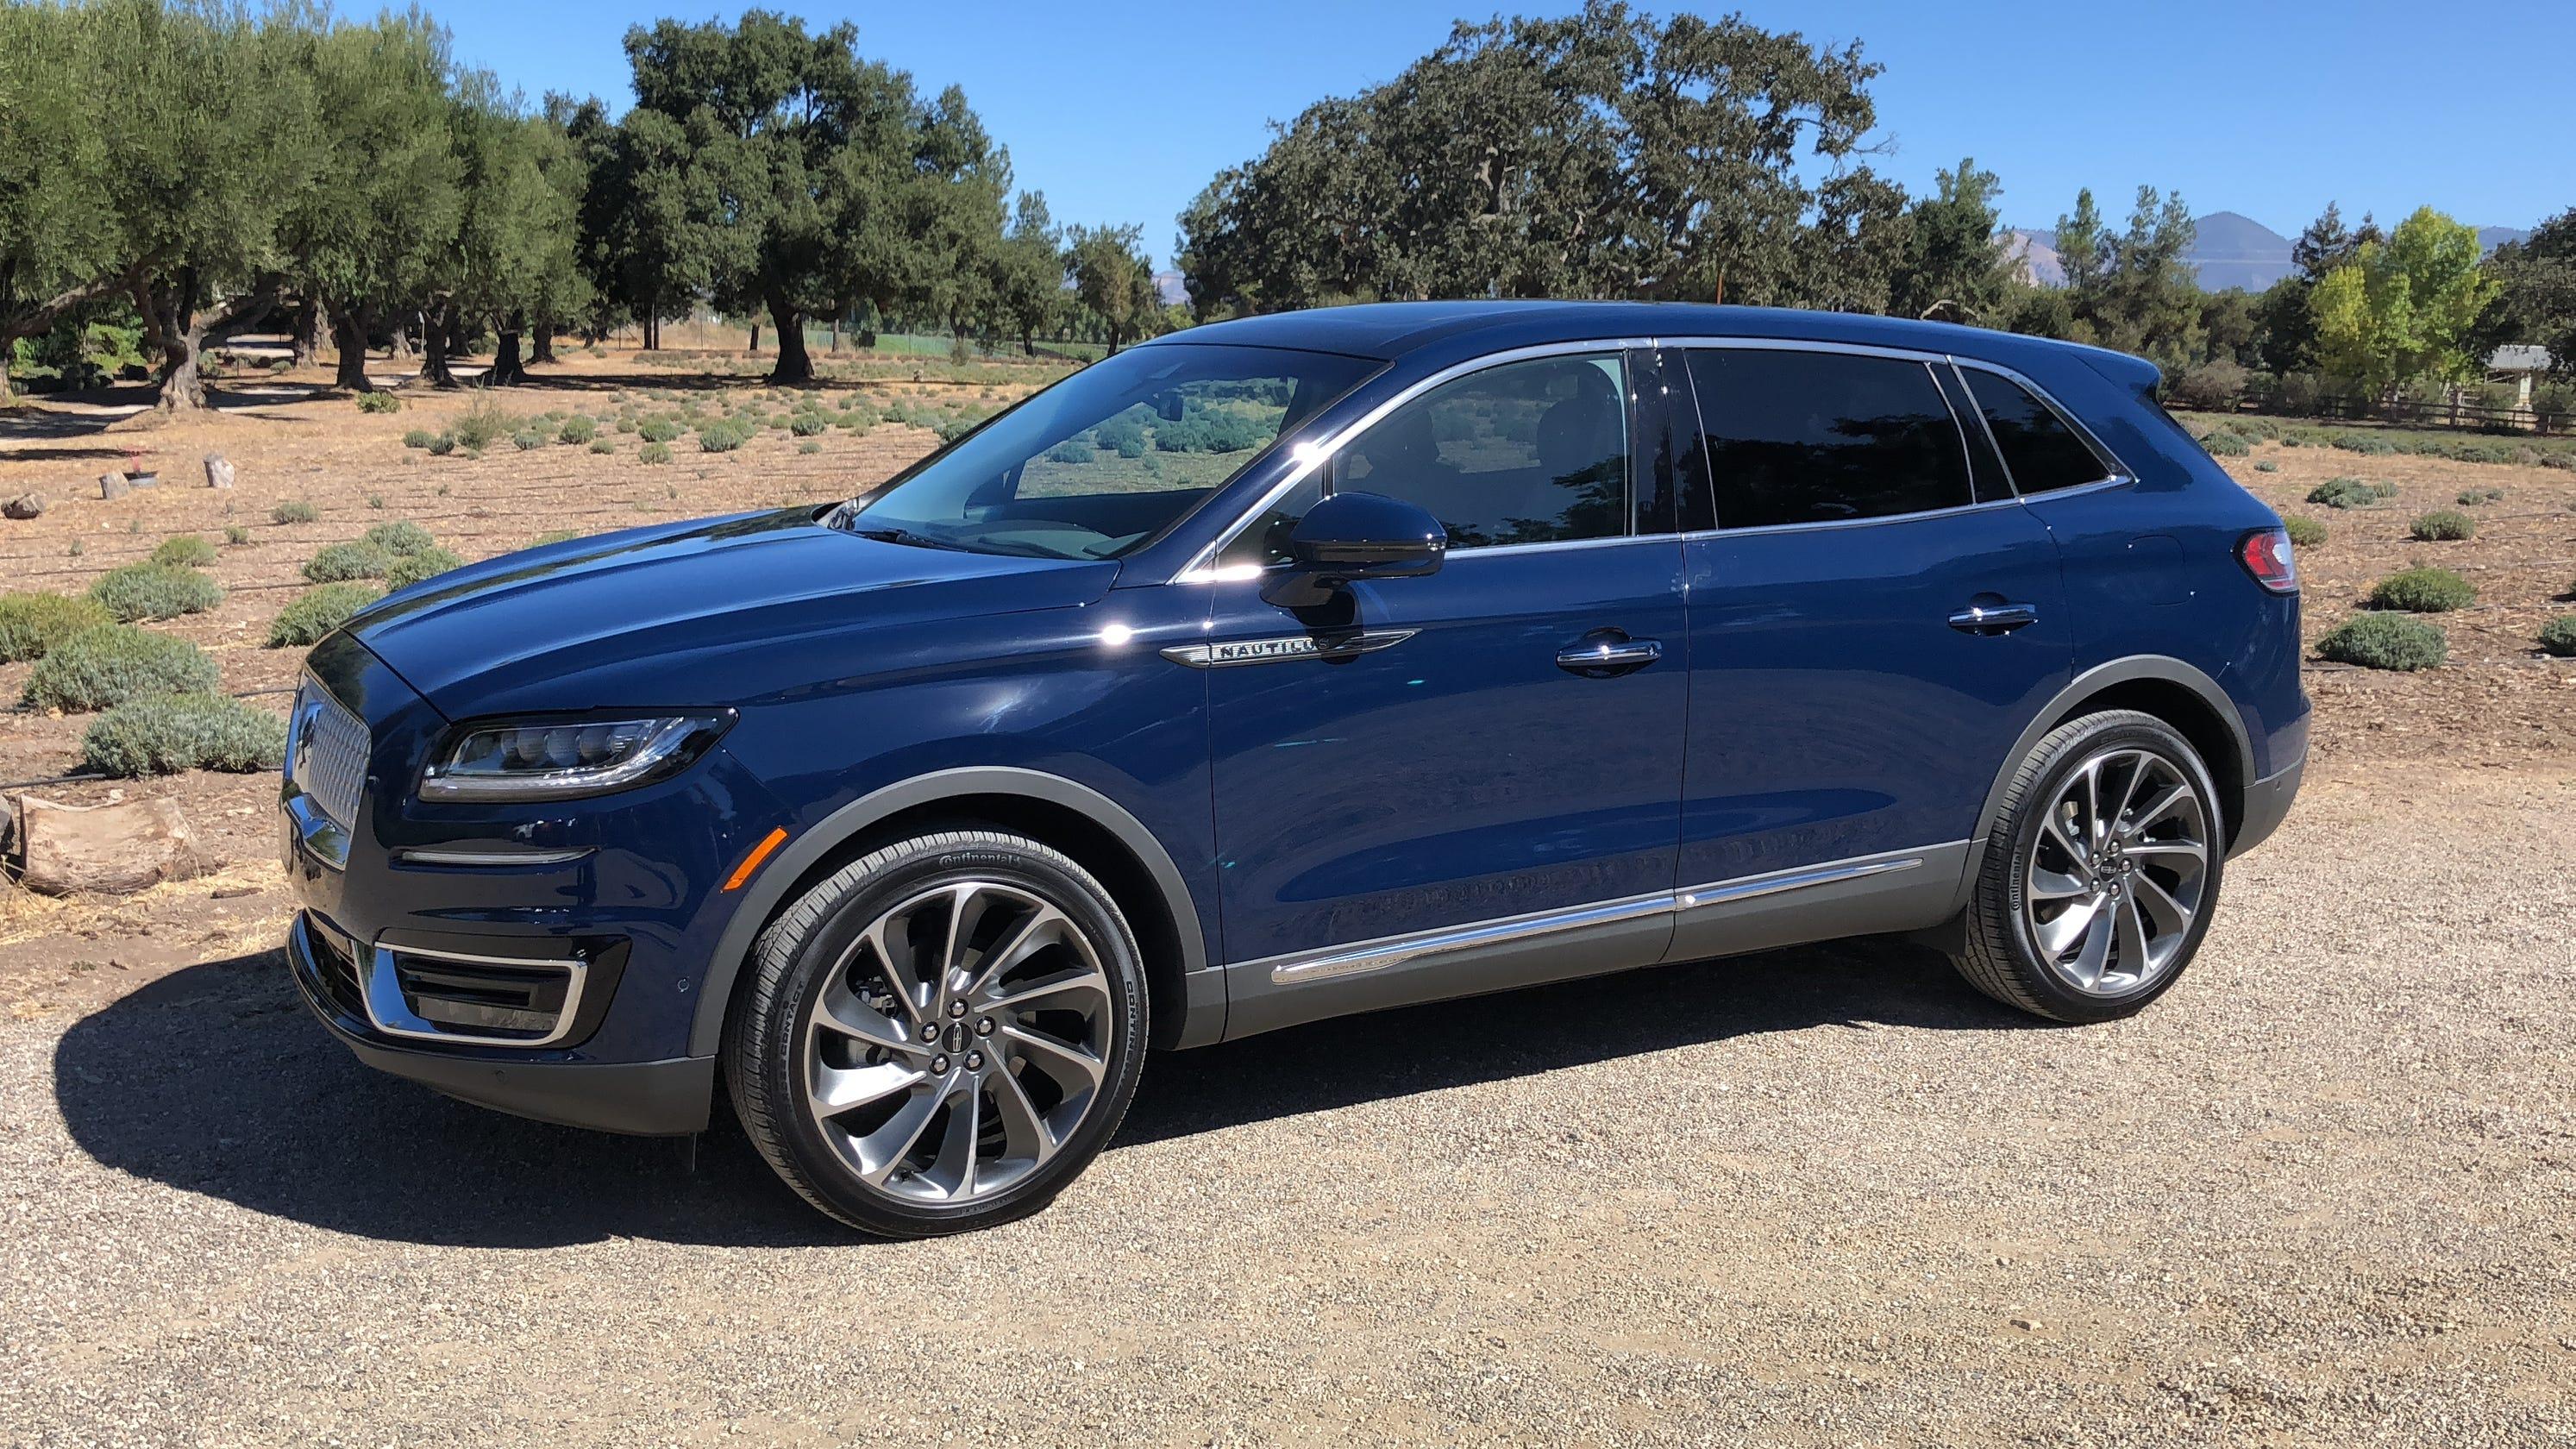 2020 Lincoln Nautilus: Design, Performance, Price >> 2020 Lincoln Nautilus Design Performance Price Upcoming New Car